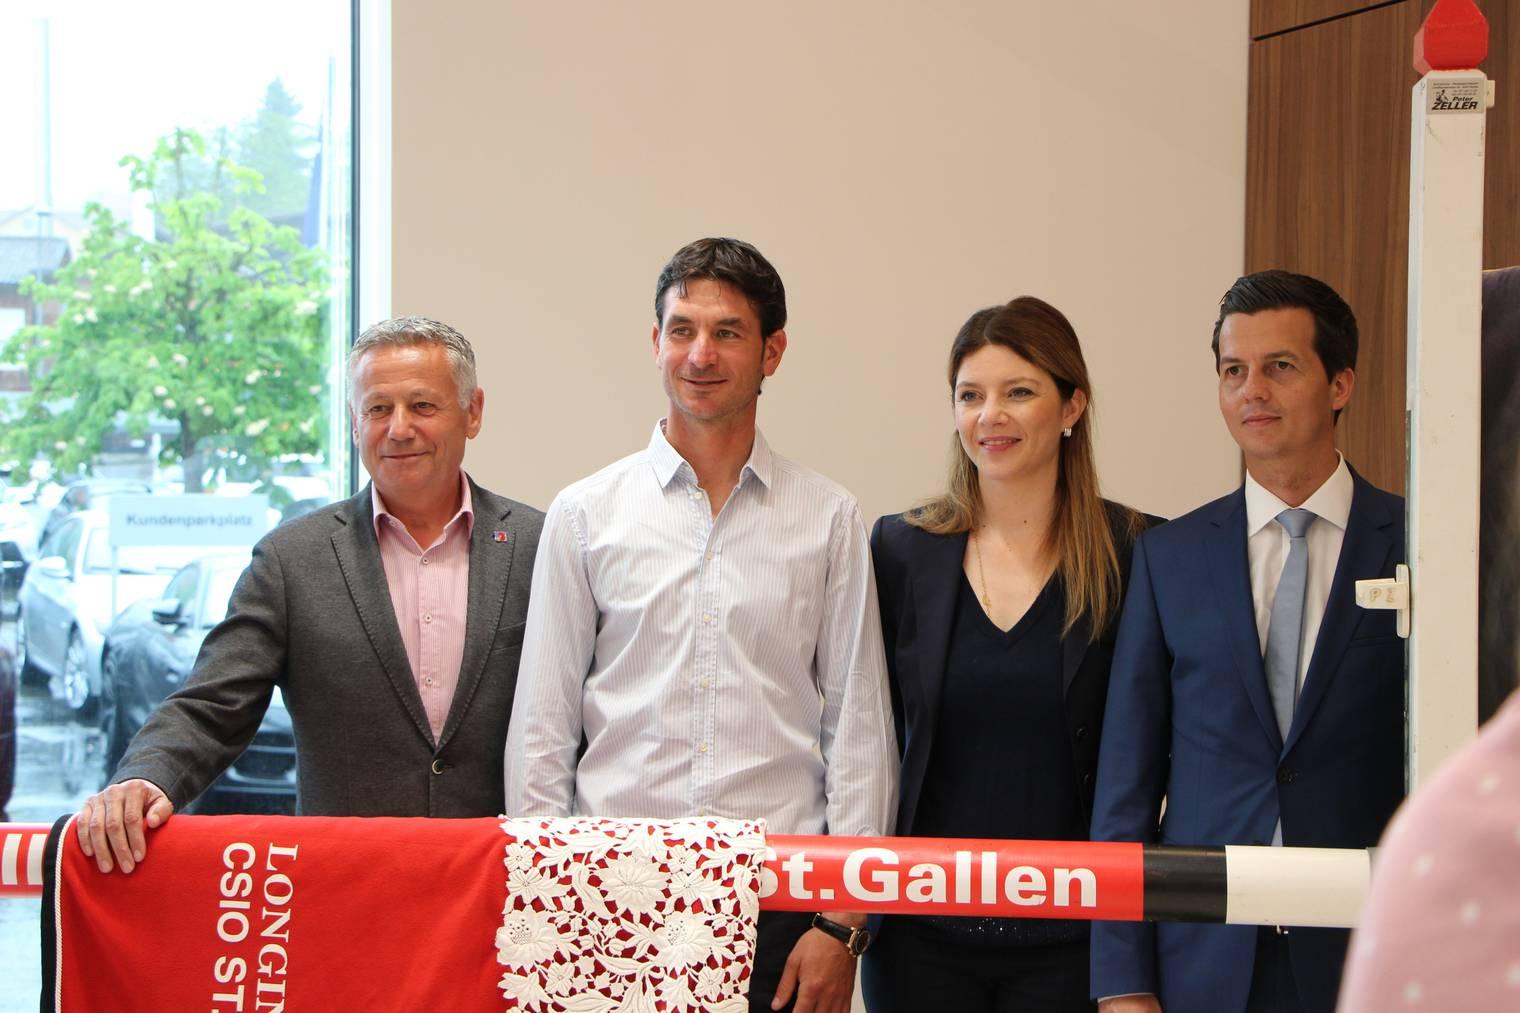 Equipenchef Andy Kistler, Springreiter Steve Guerdat, Nayla Stössel und Sportchef Thomas Zweifel präsentieren das Programm des CSIO St.Gallen.